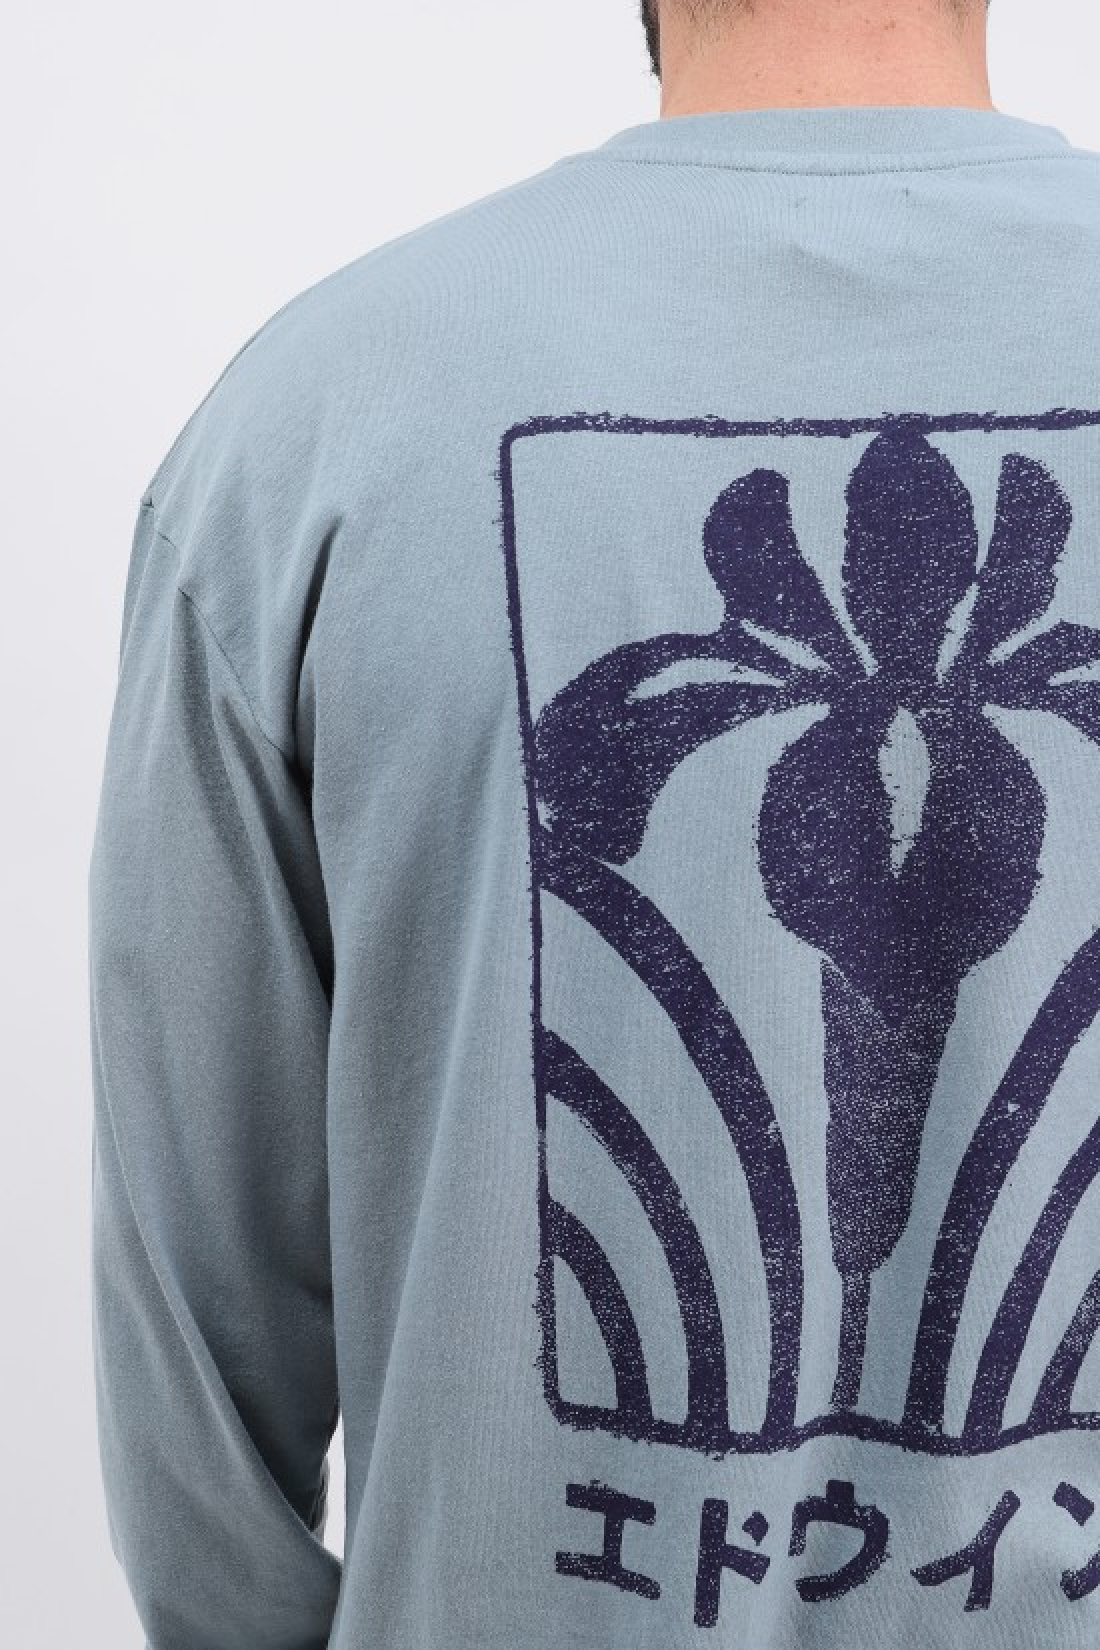 EDWIN / Hanani ls tee shirt Tarmac